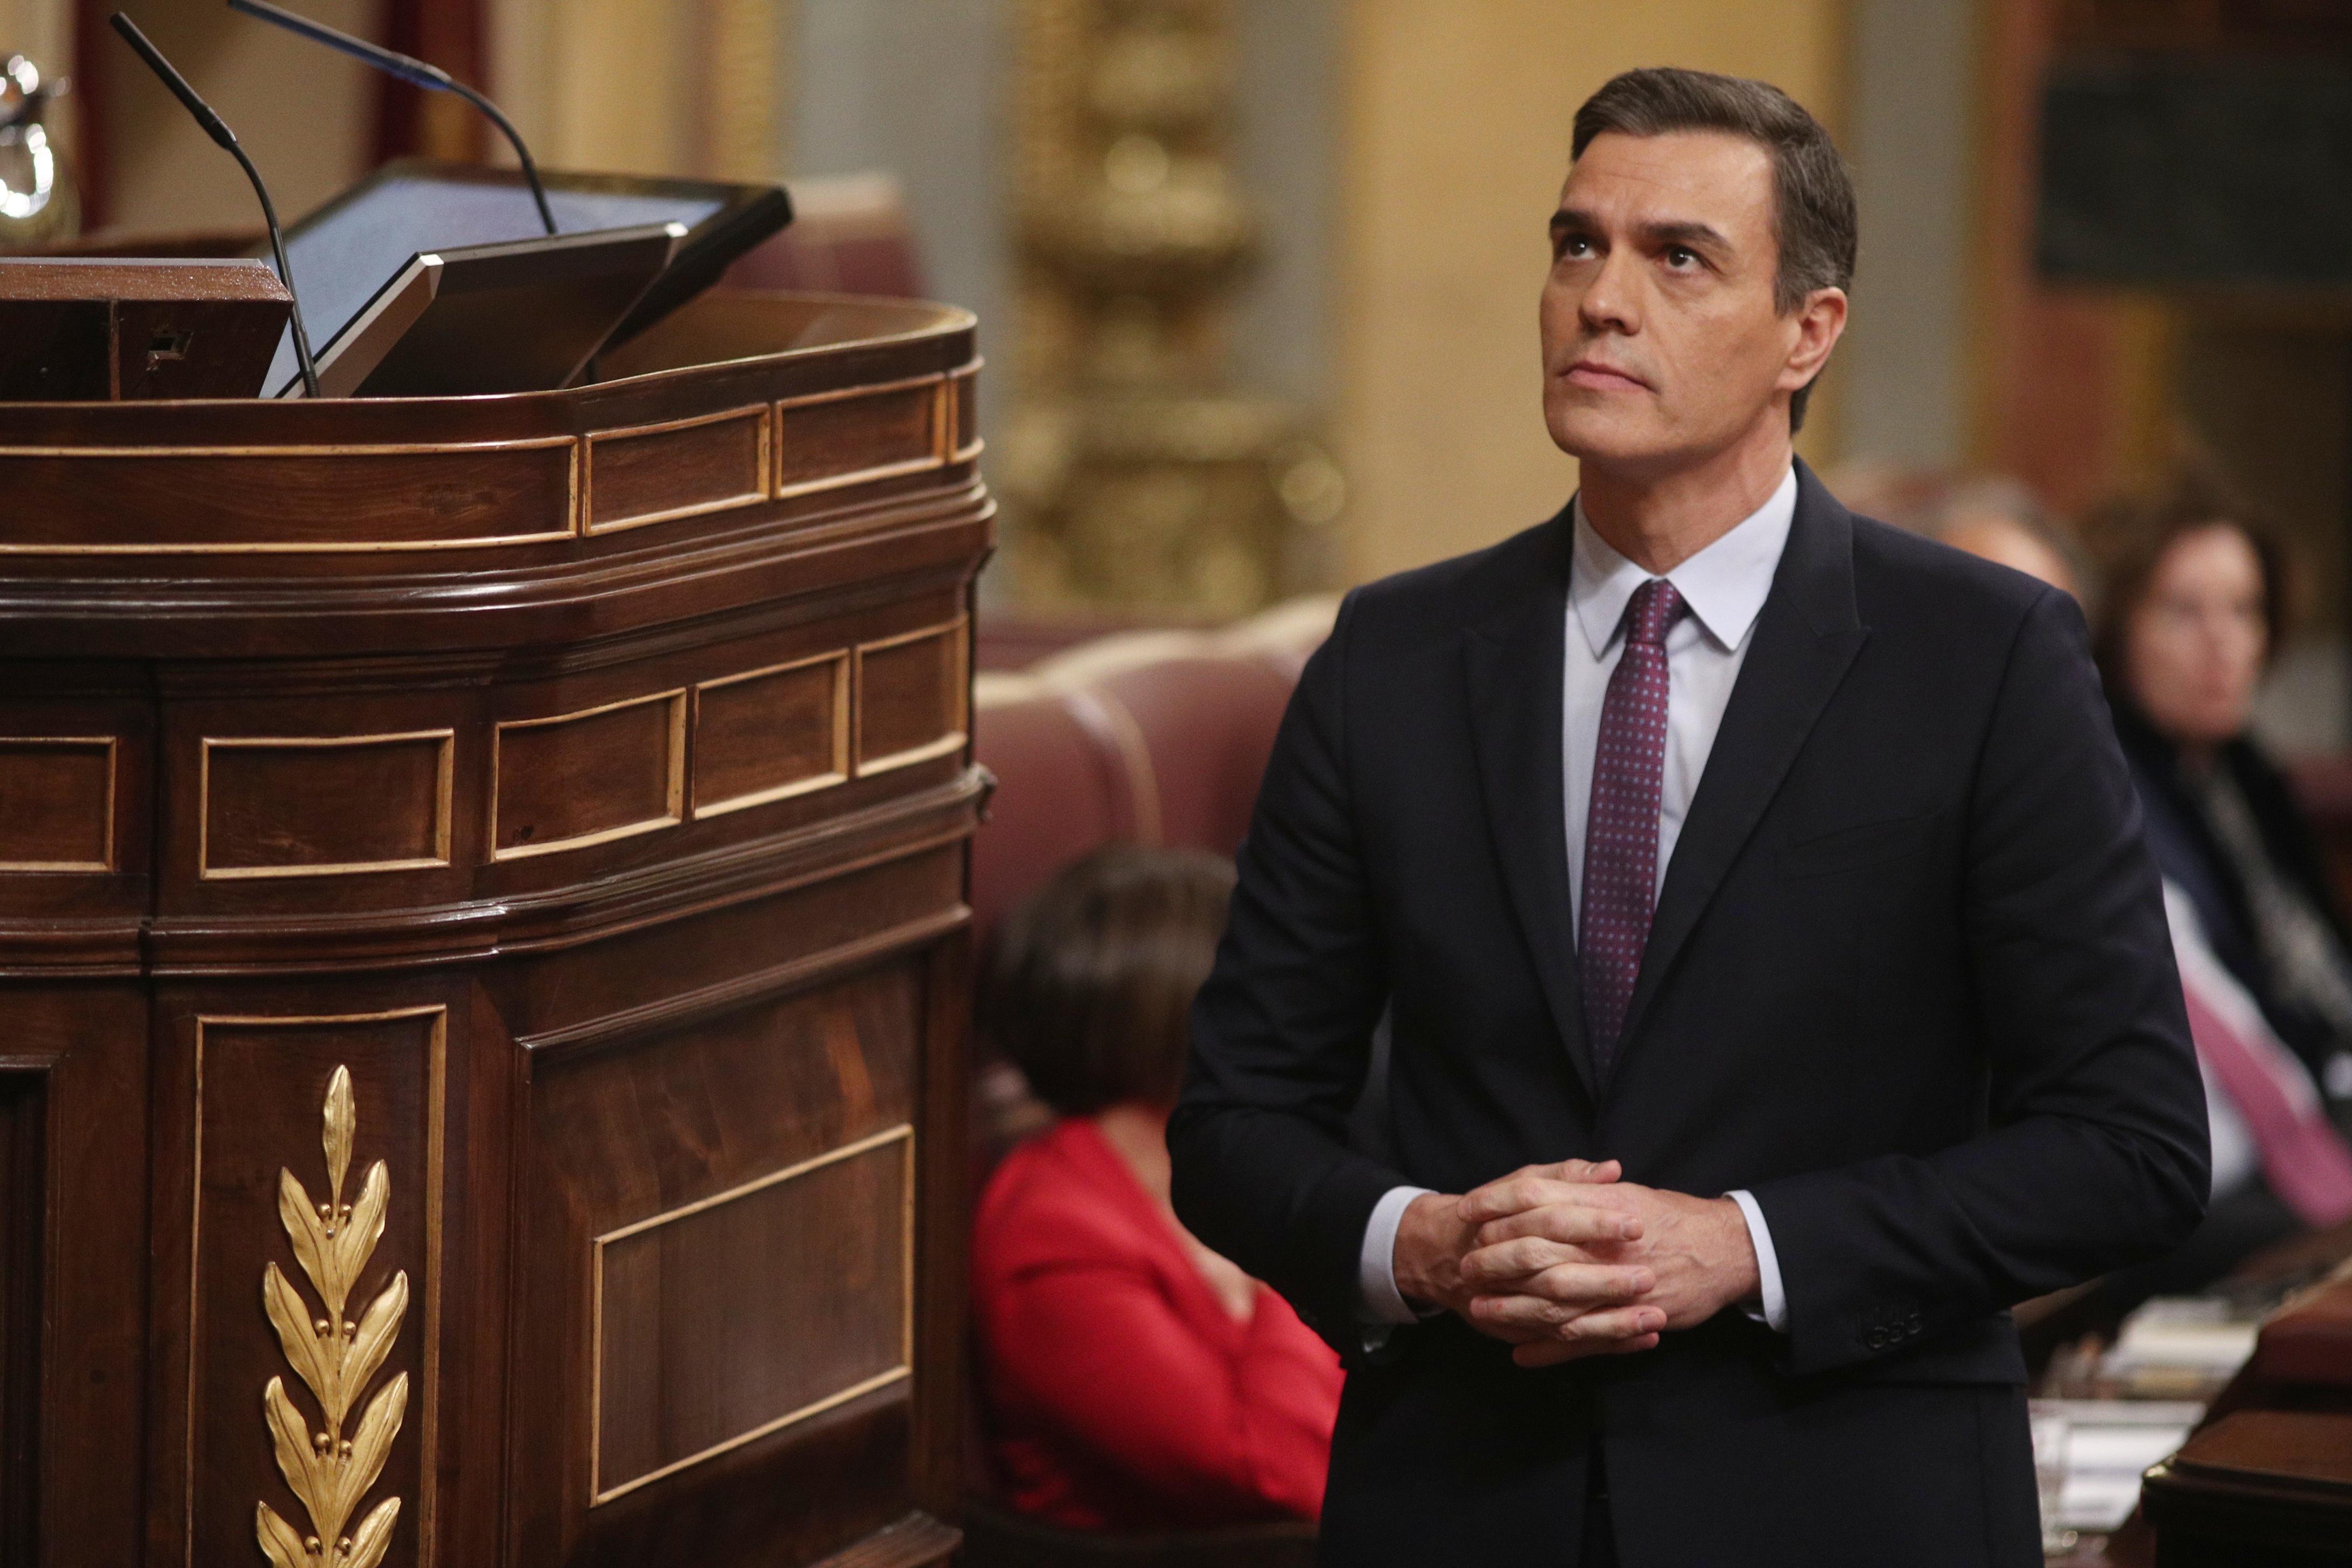 El CIS de la risa de Tezanos afianza al PSOE para evitar el sorpasso evidente de la derecha